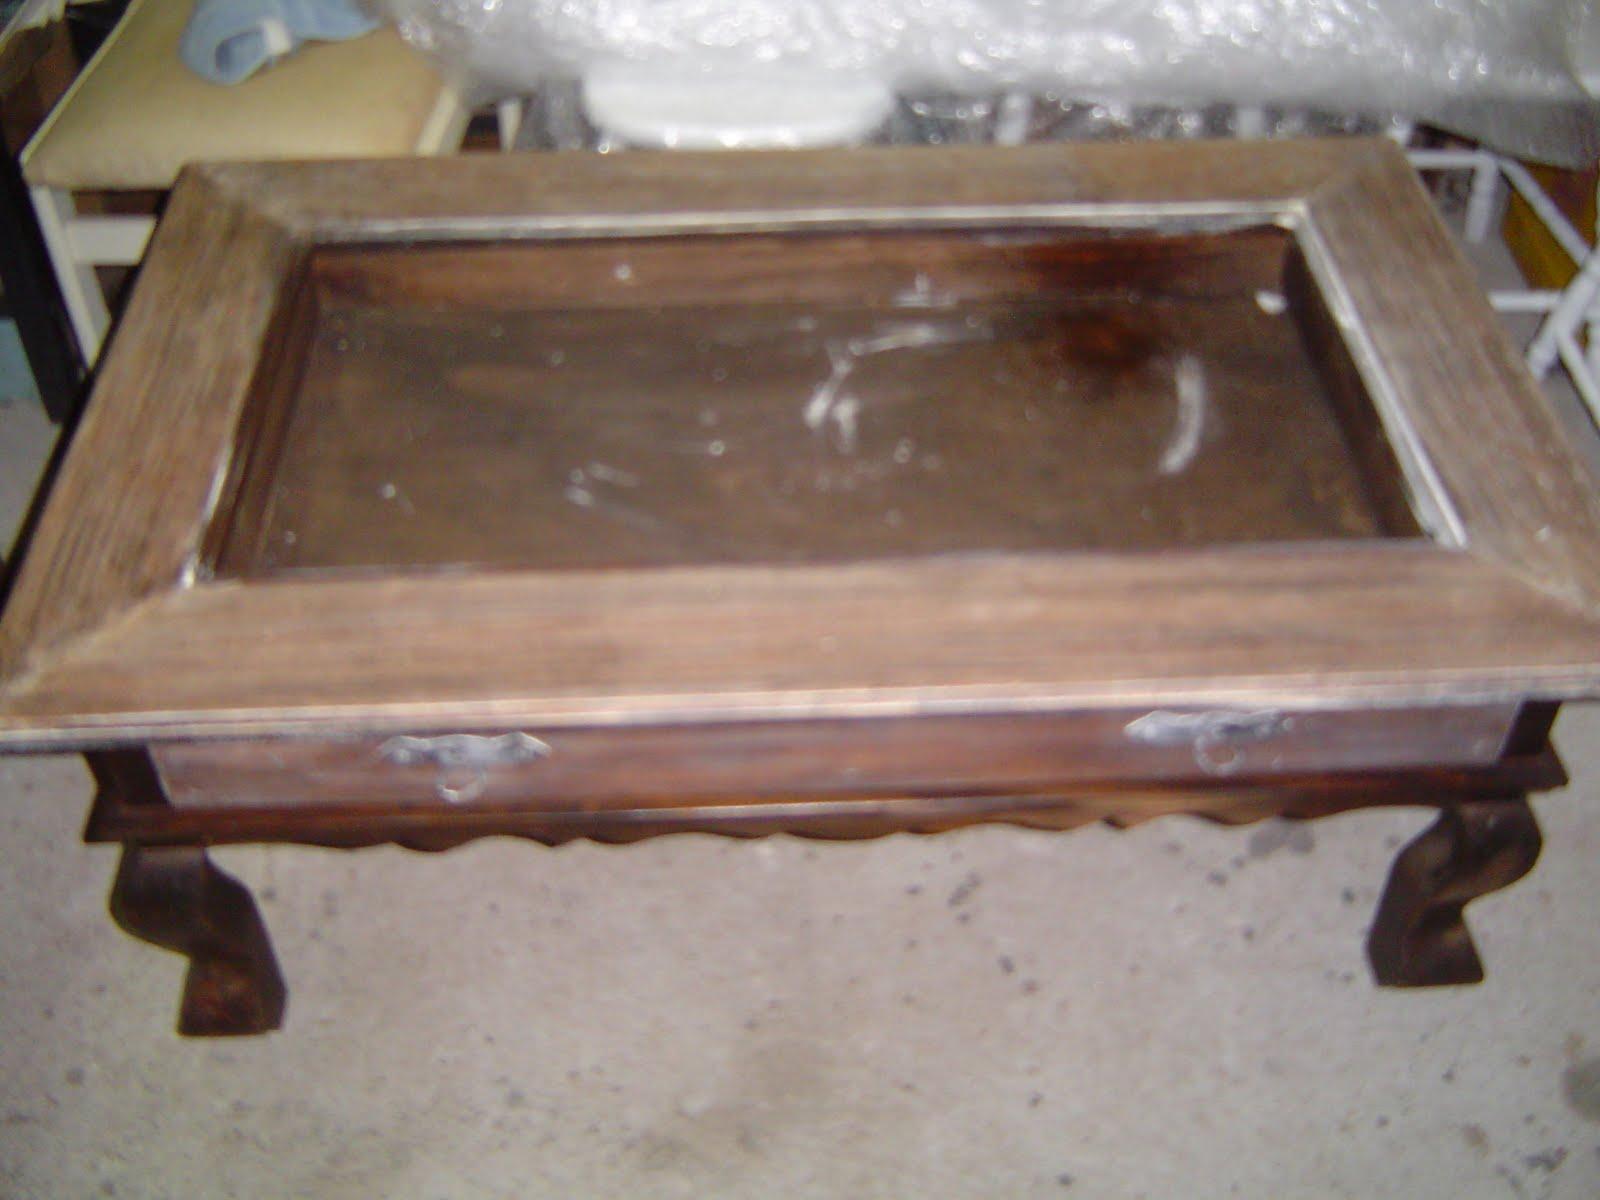 verniz cera laqueação tipos de madeira limpeza de peças de madeira  #3C2822 1600x1200